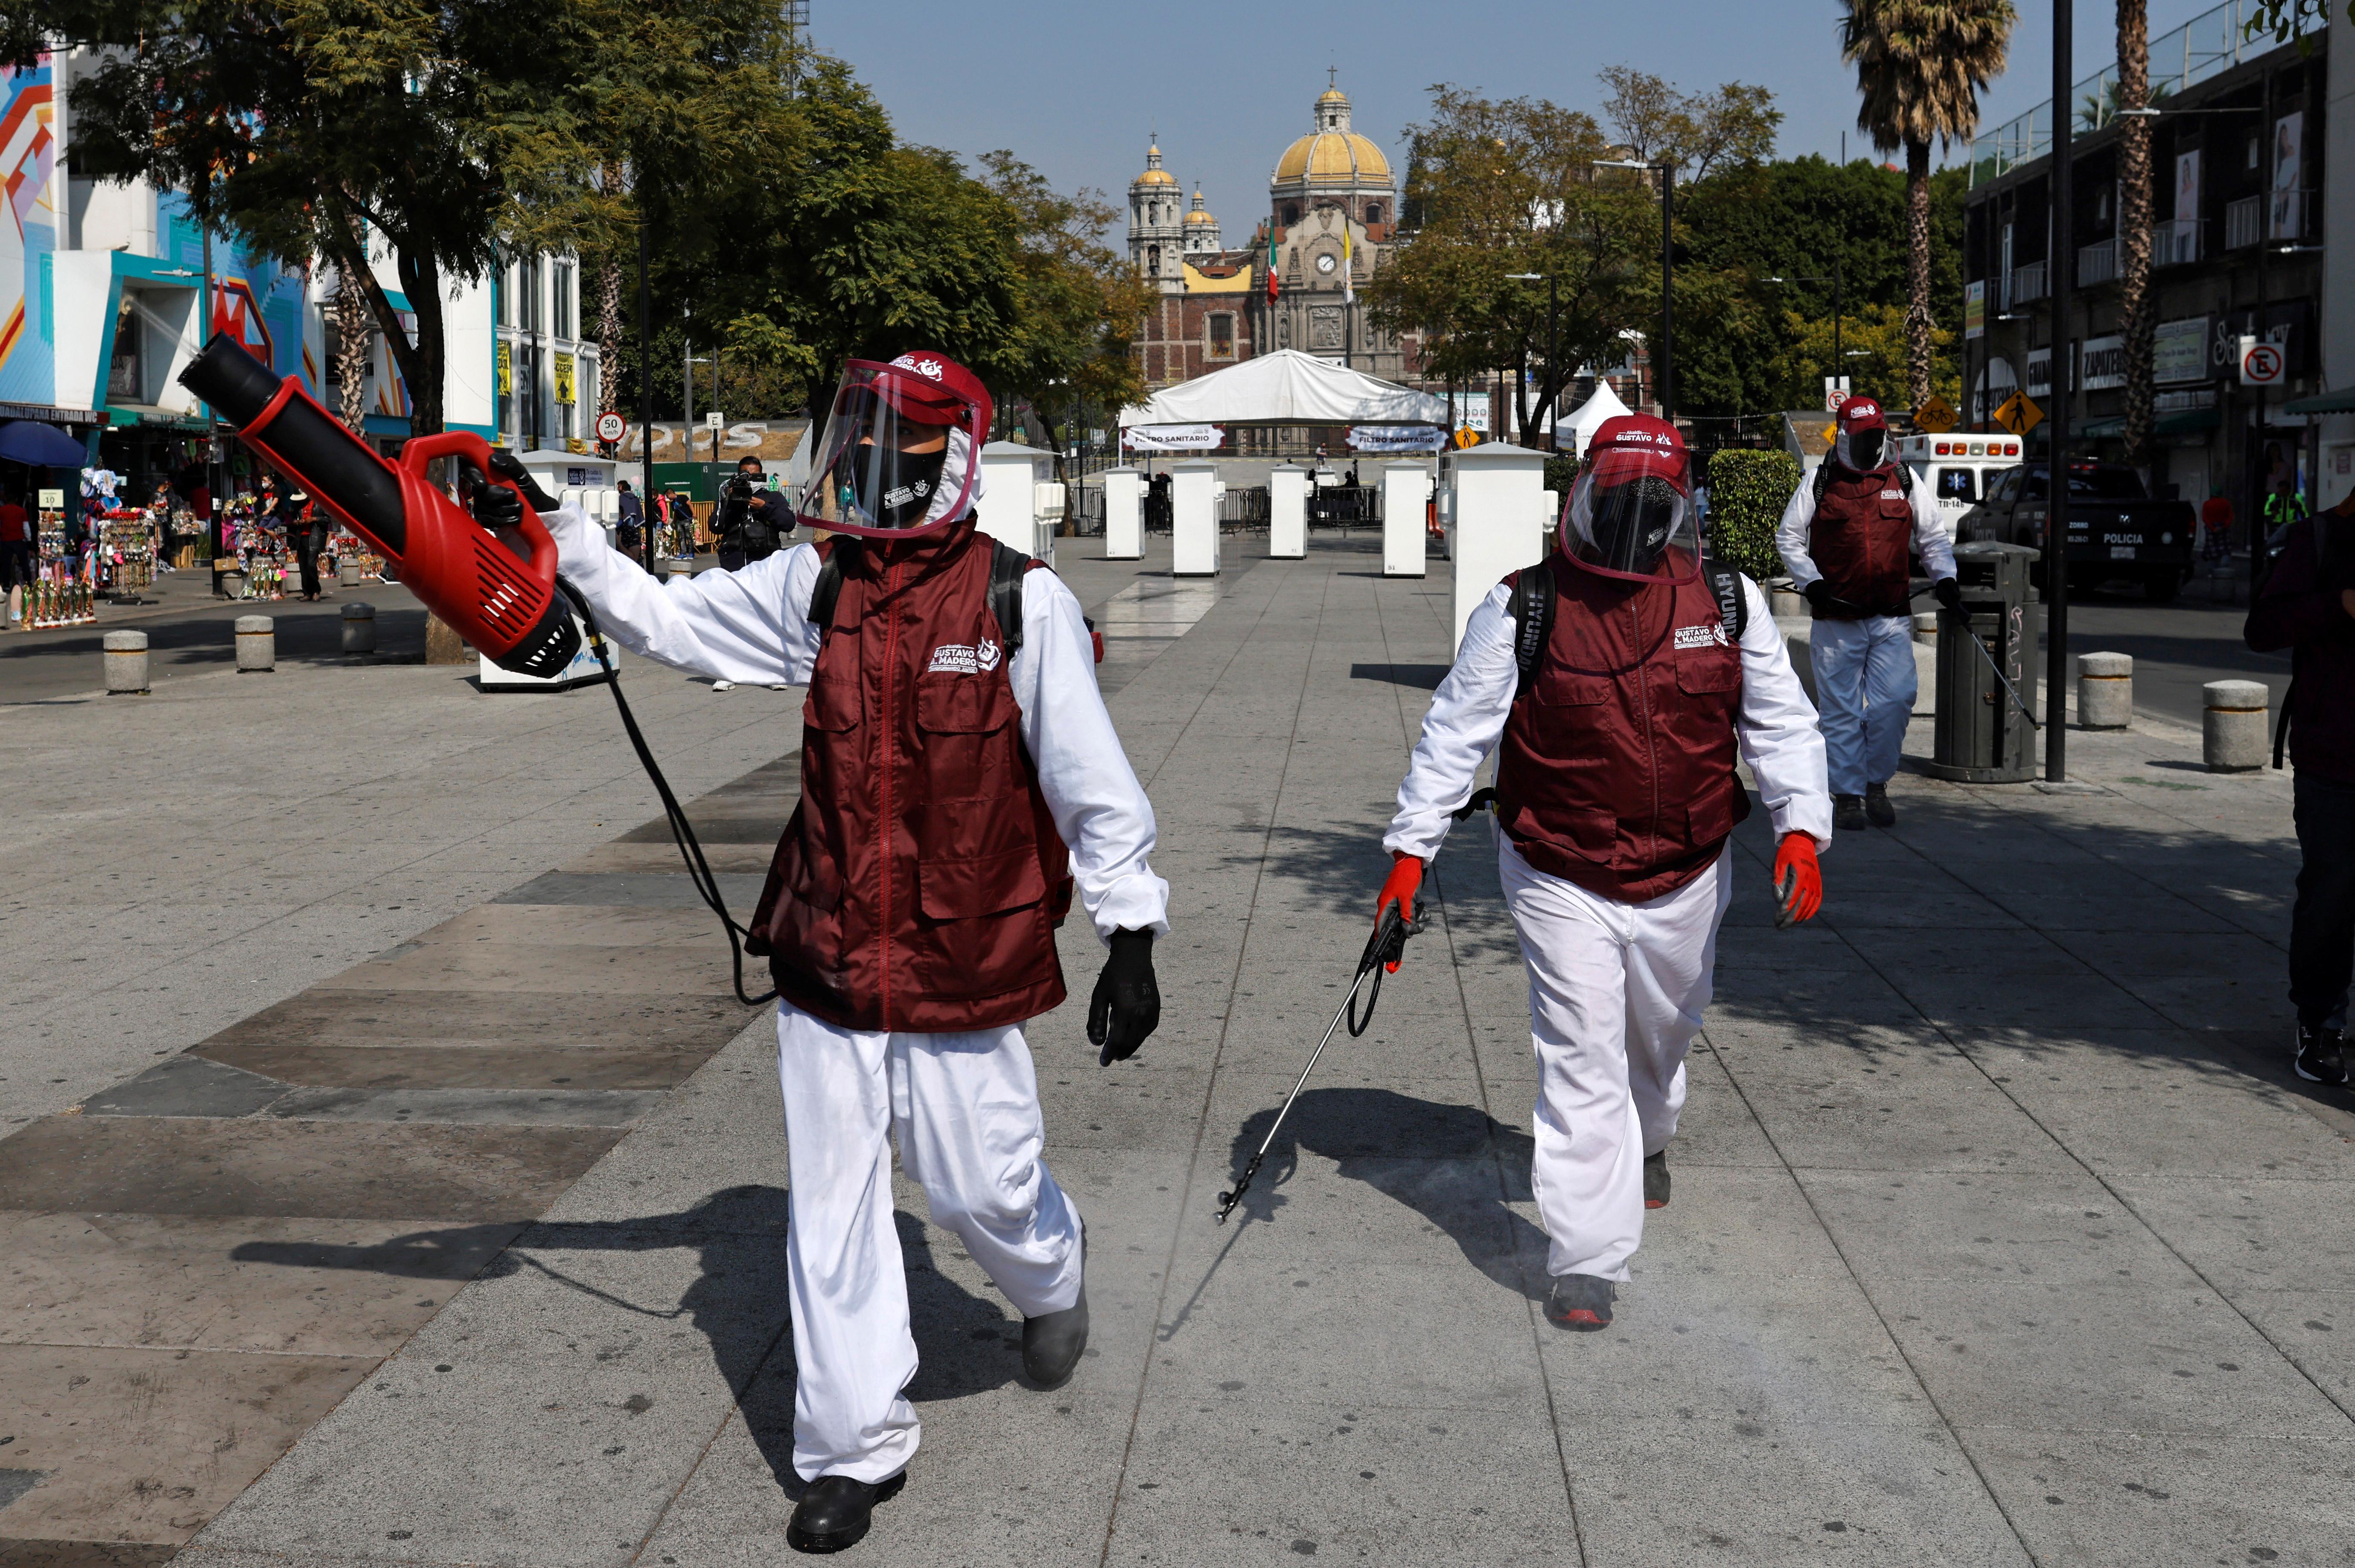 Trabajadores desinfectan la entrada de la Basílica de Guadalupe que está temporalmente cerrada. Ciudad de México, México, 10 de diciembre de 2020.